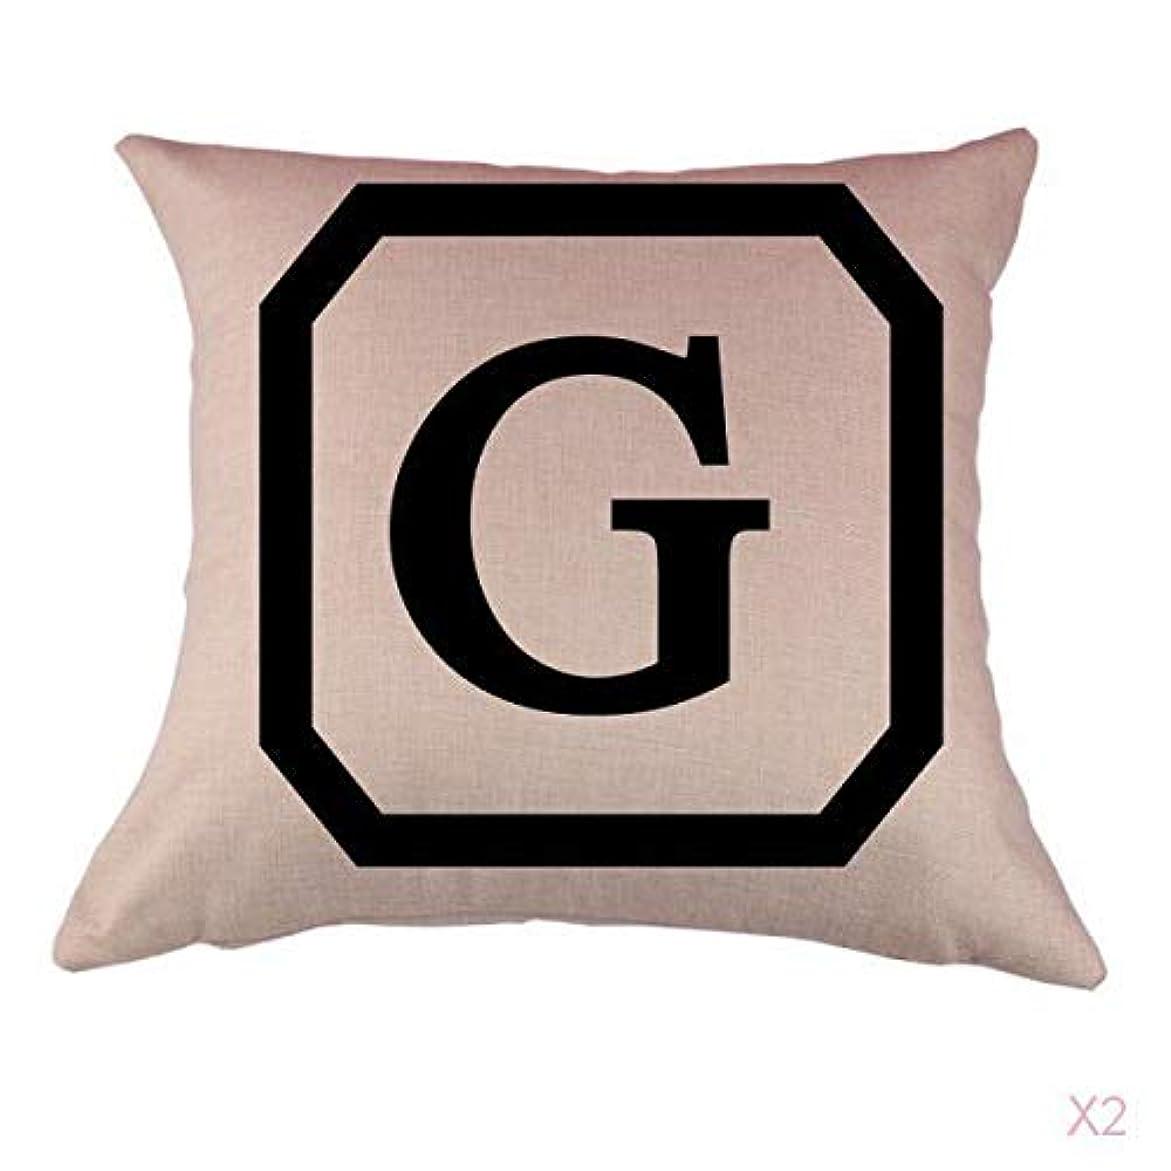 エリート落胆した常識コットンリネンスロー枕カバークッションカバー家の装飾頭文字グラム